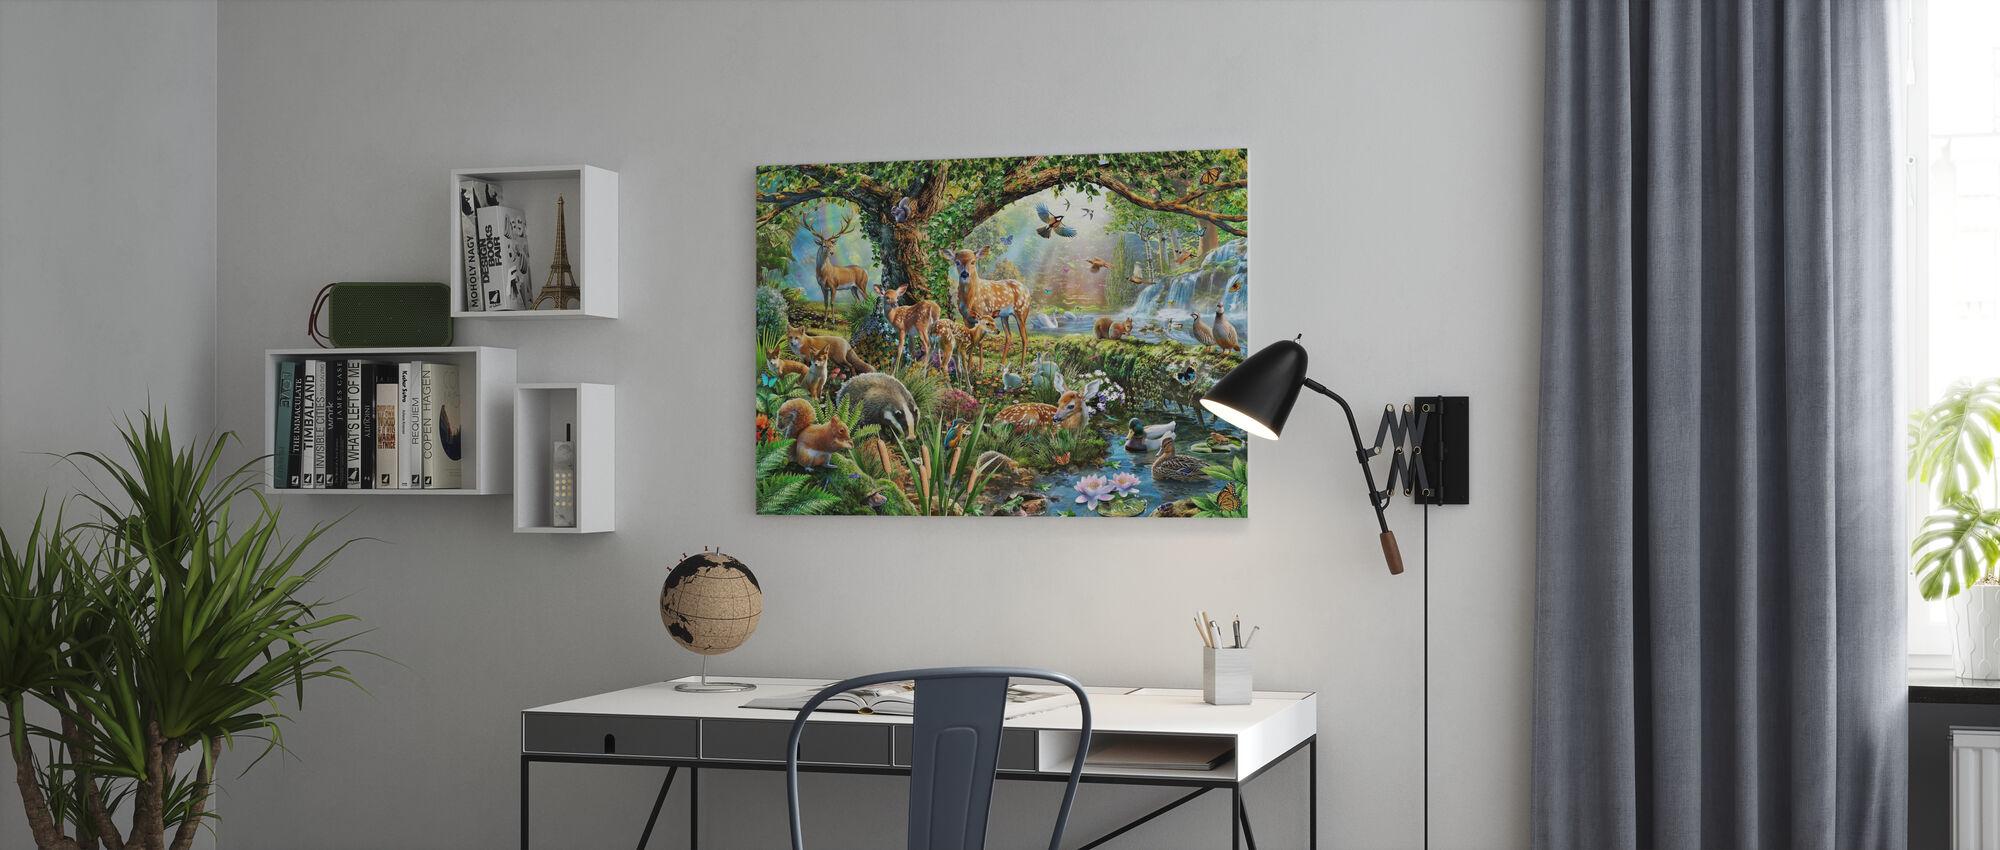 Skogsmark varelser - Canvastavla - Kontor